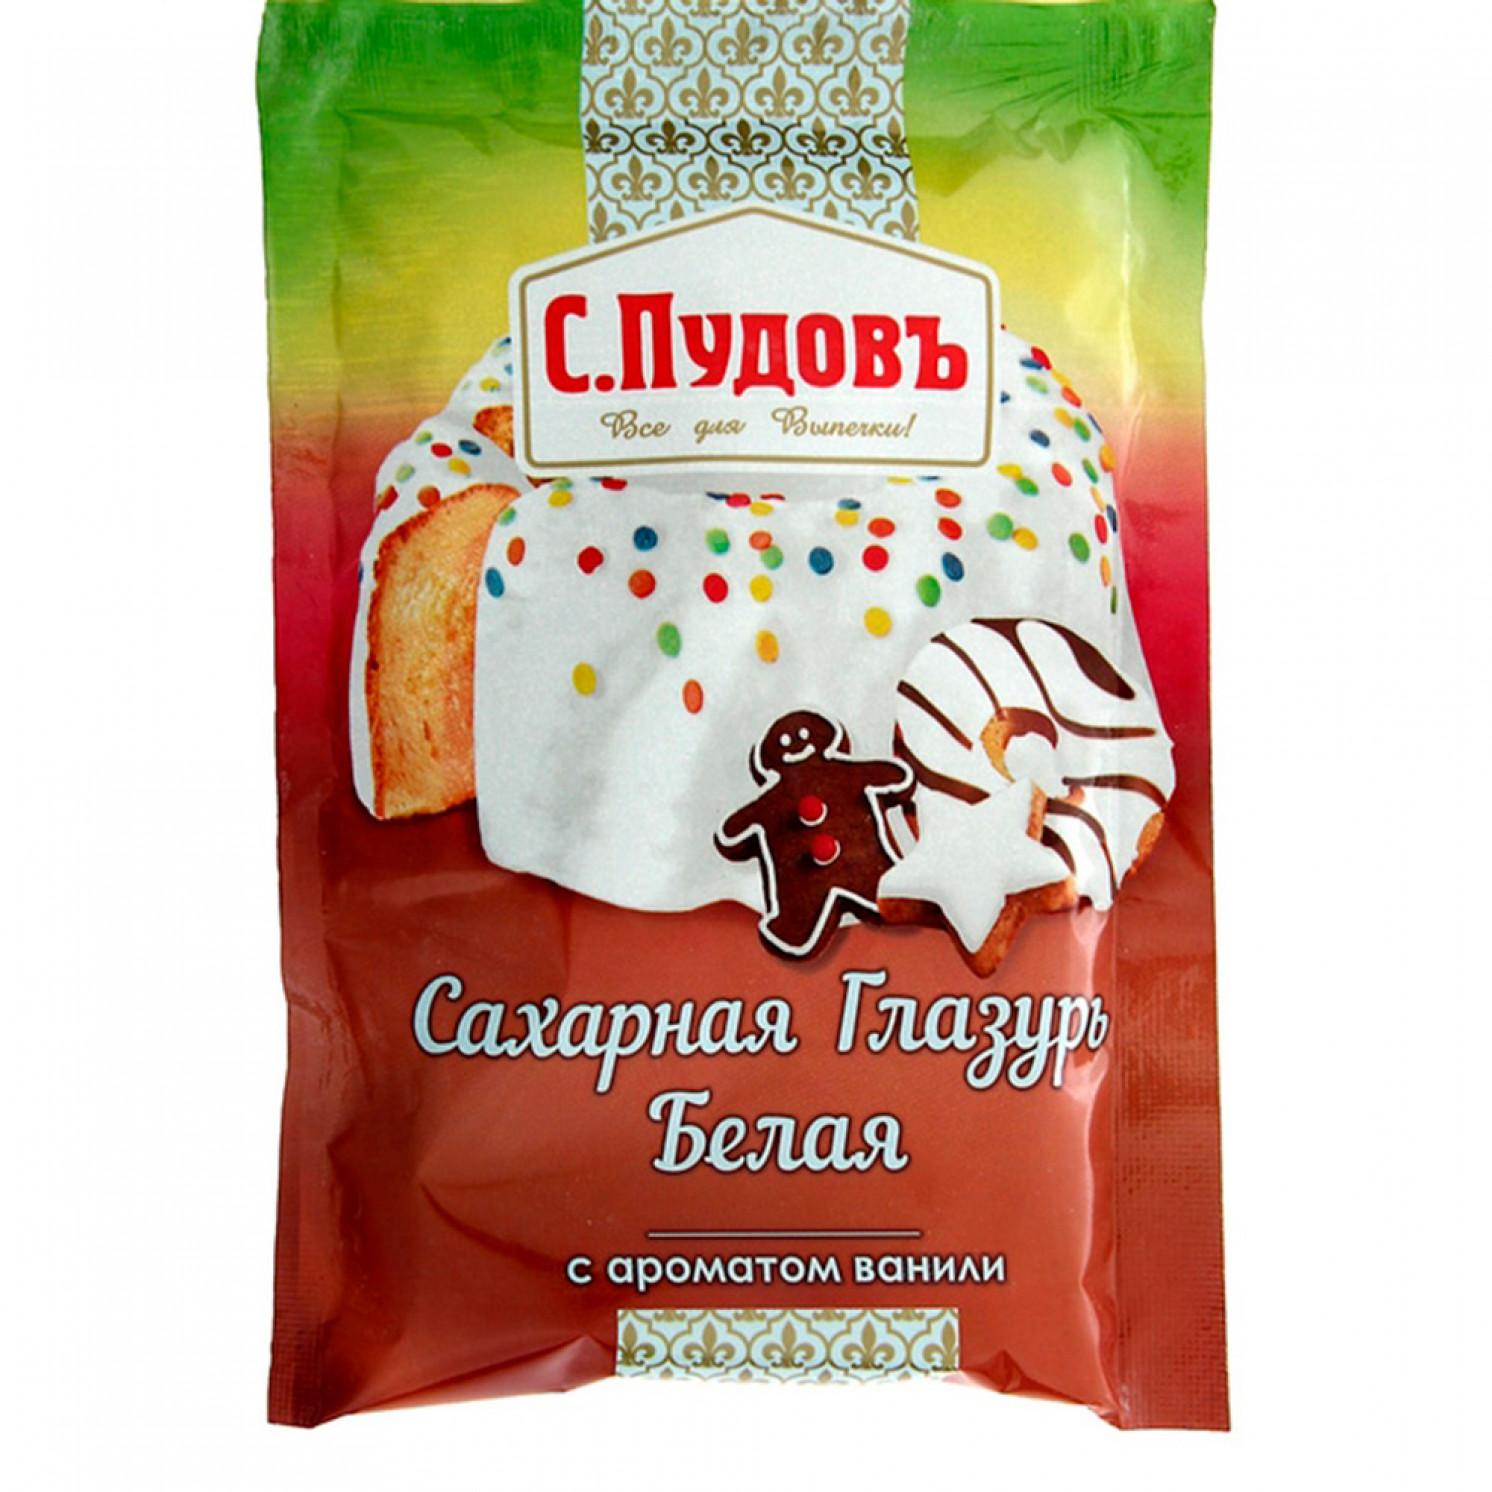 Сахарная глазурь белая 100 г С.Пудовъ